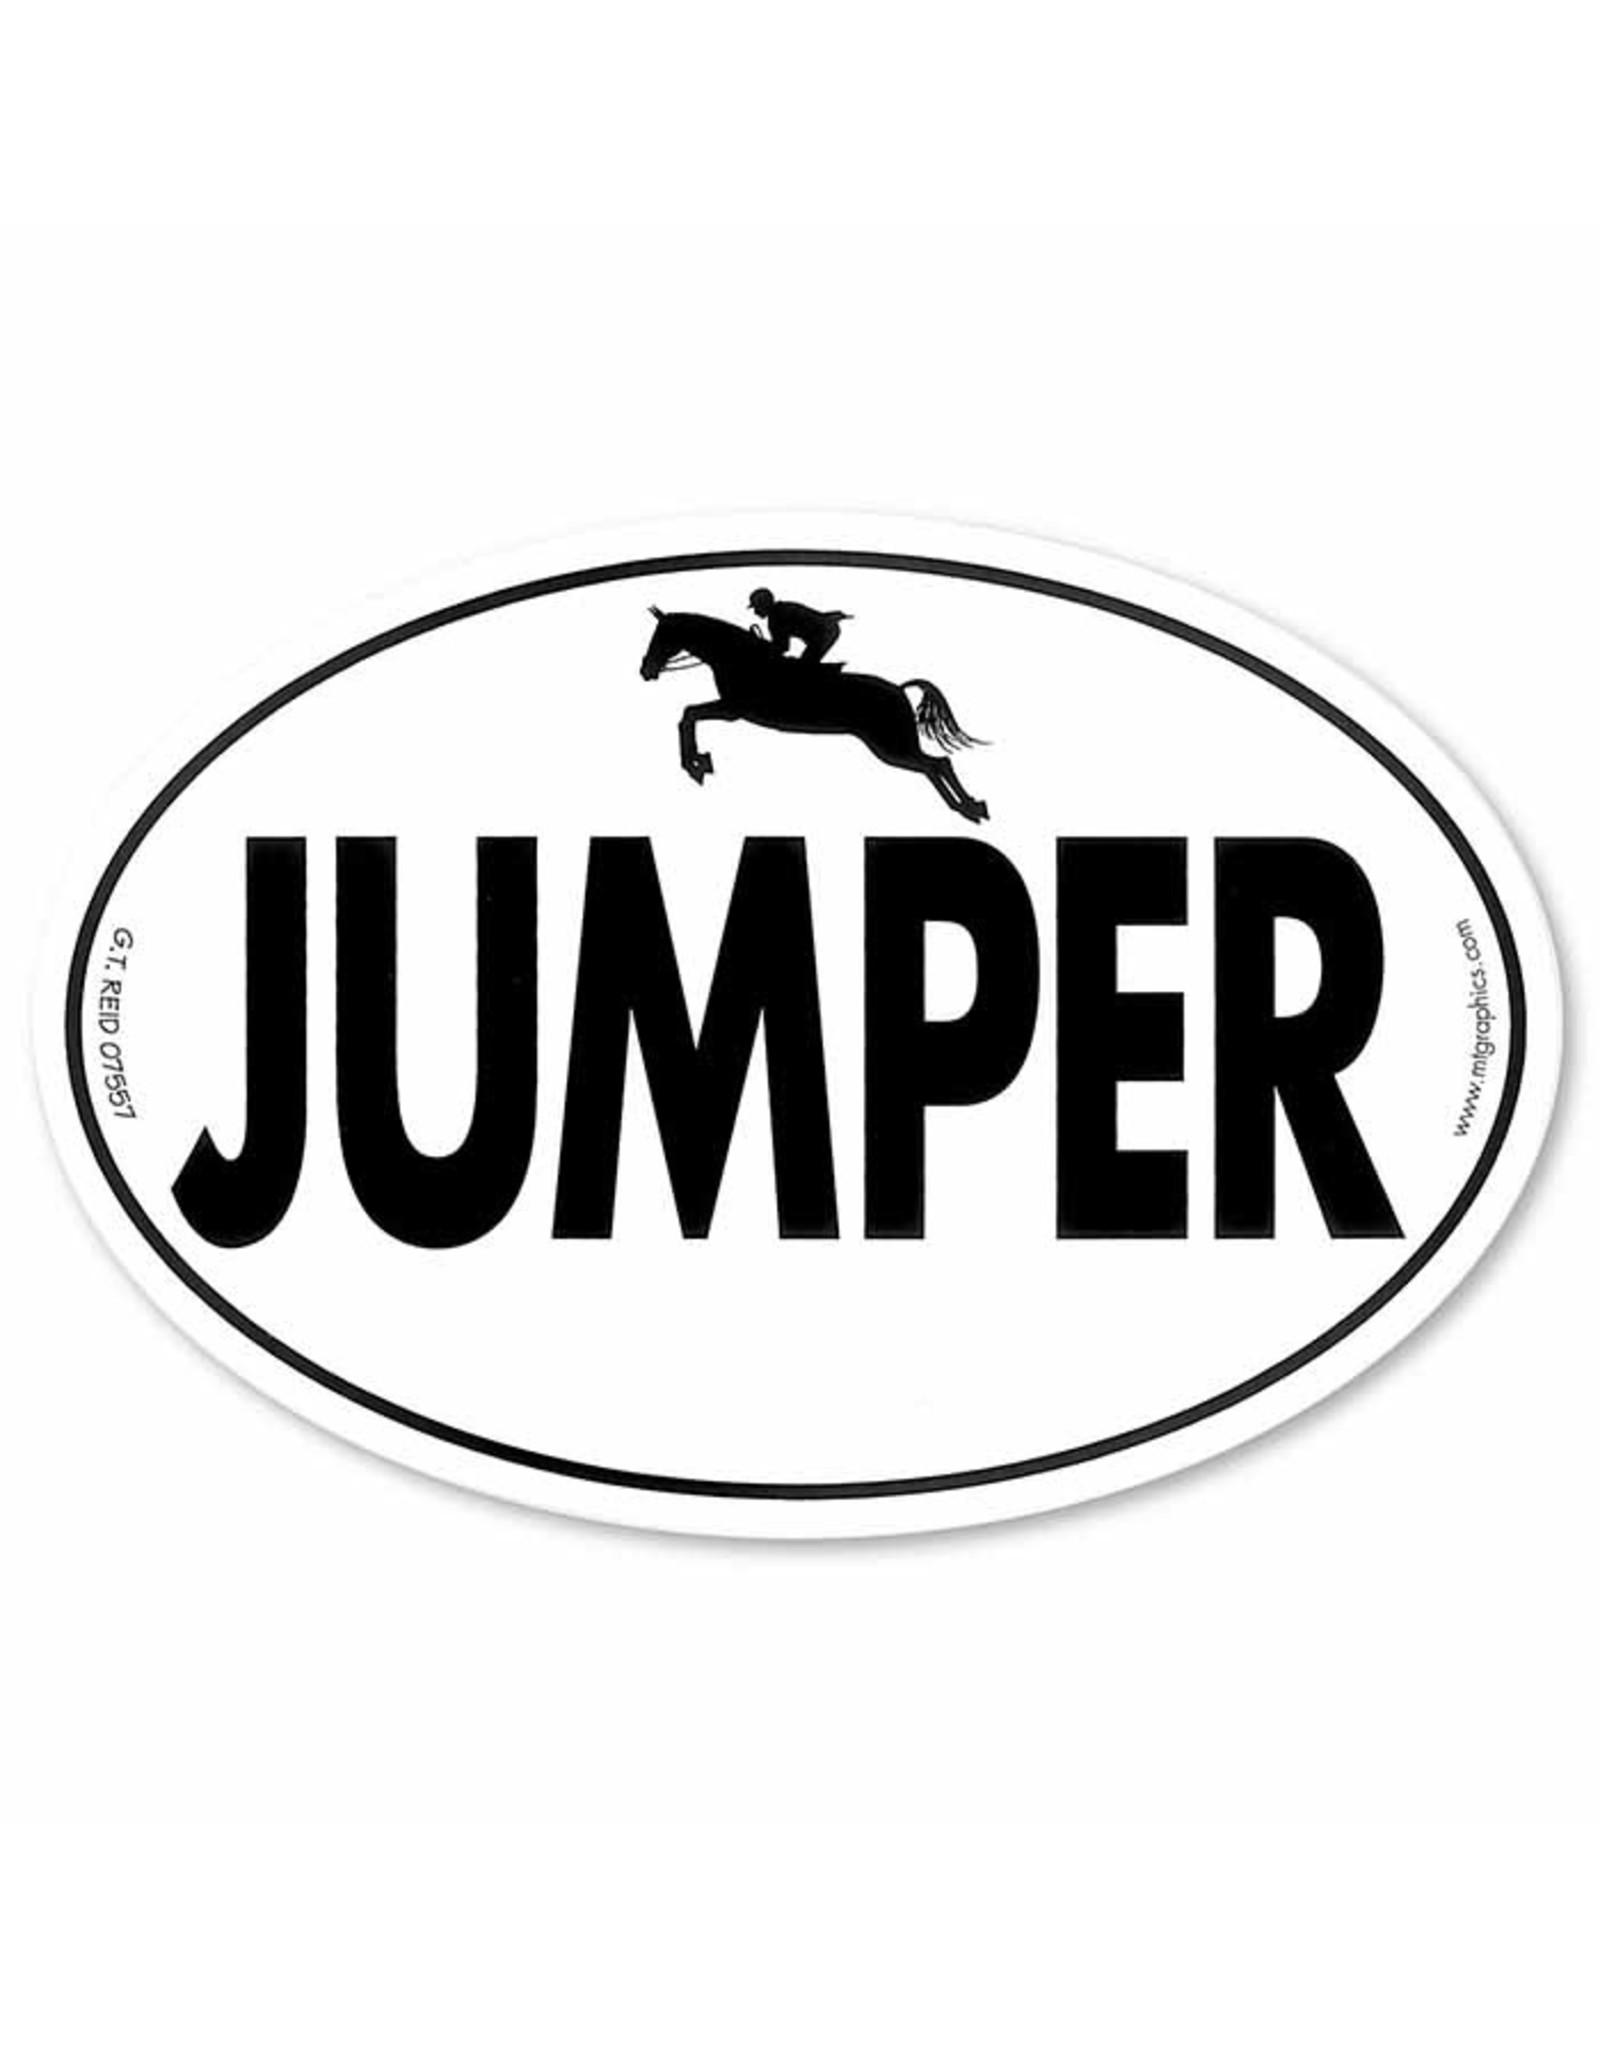 Euro Sticker Jumper w/ Rider